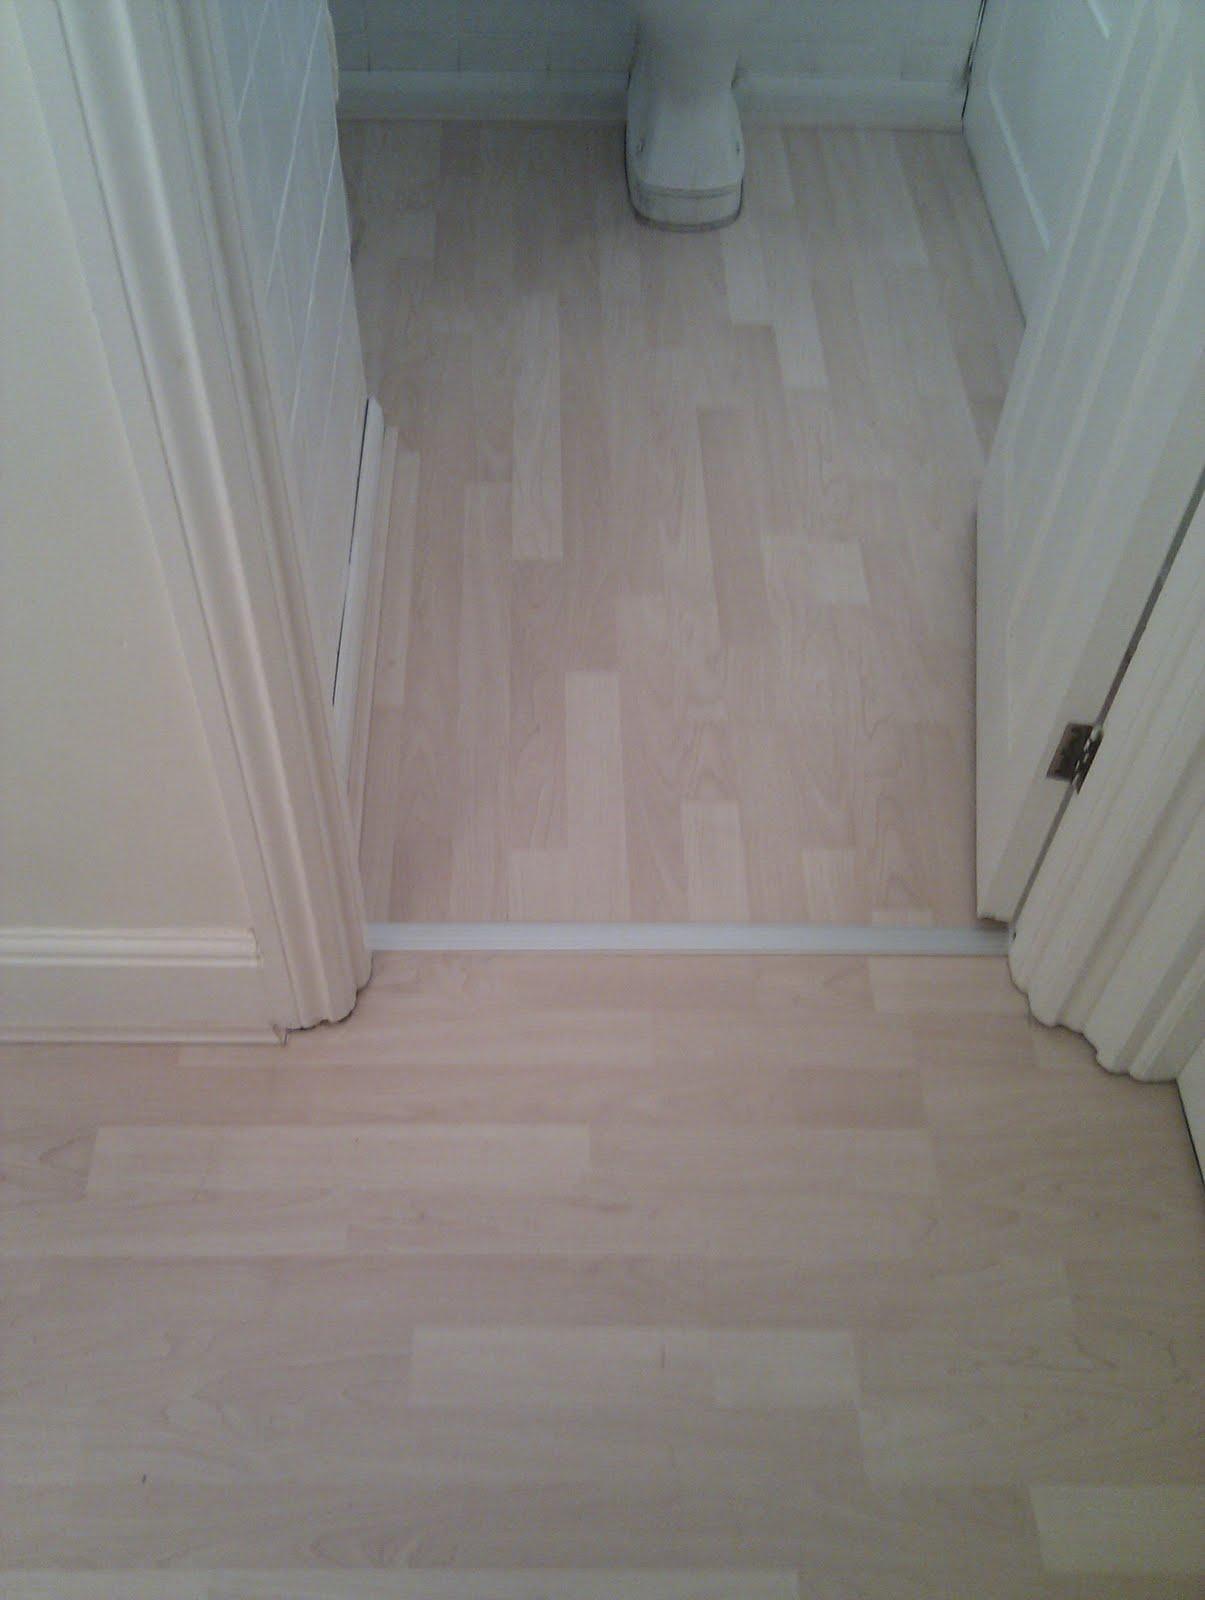 Bathroom Laminate Flooring: Laminate Flooring: Wood Laminate Flooring In Bathroom